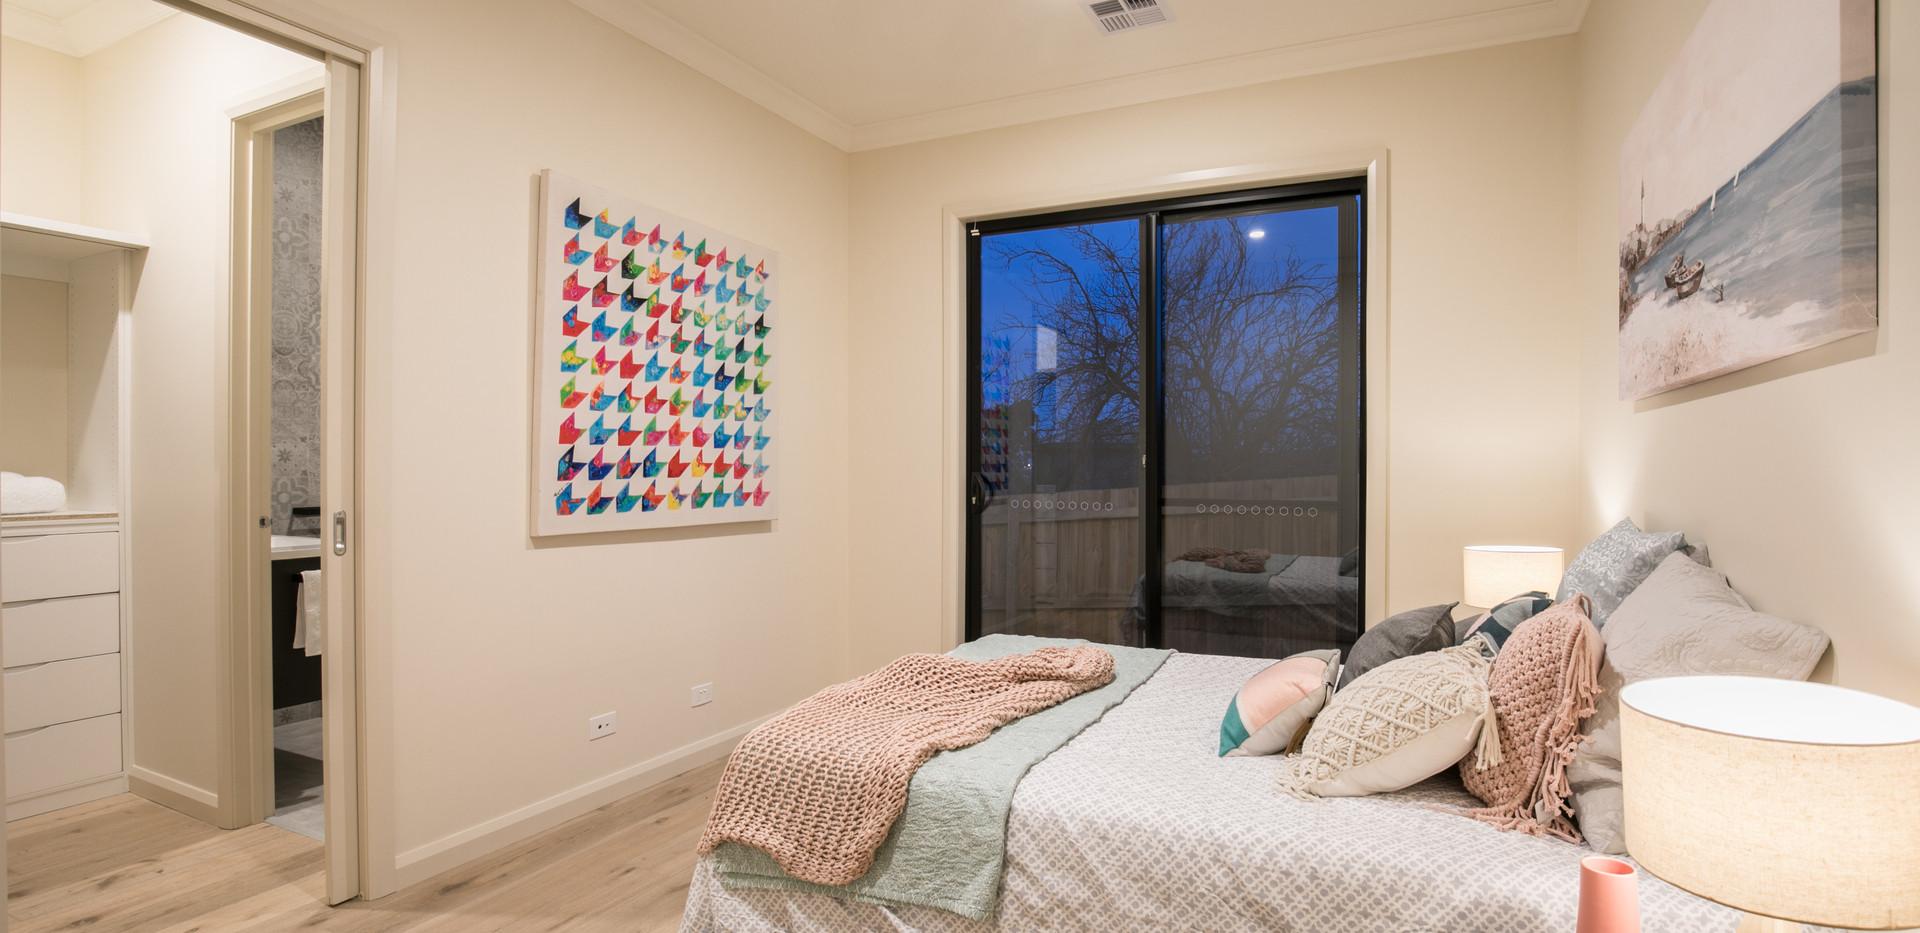 Finlayson Bedroom 2